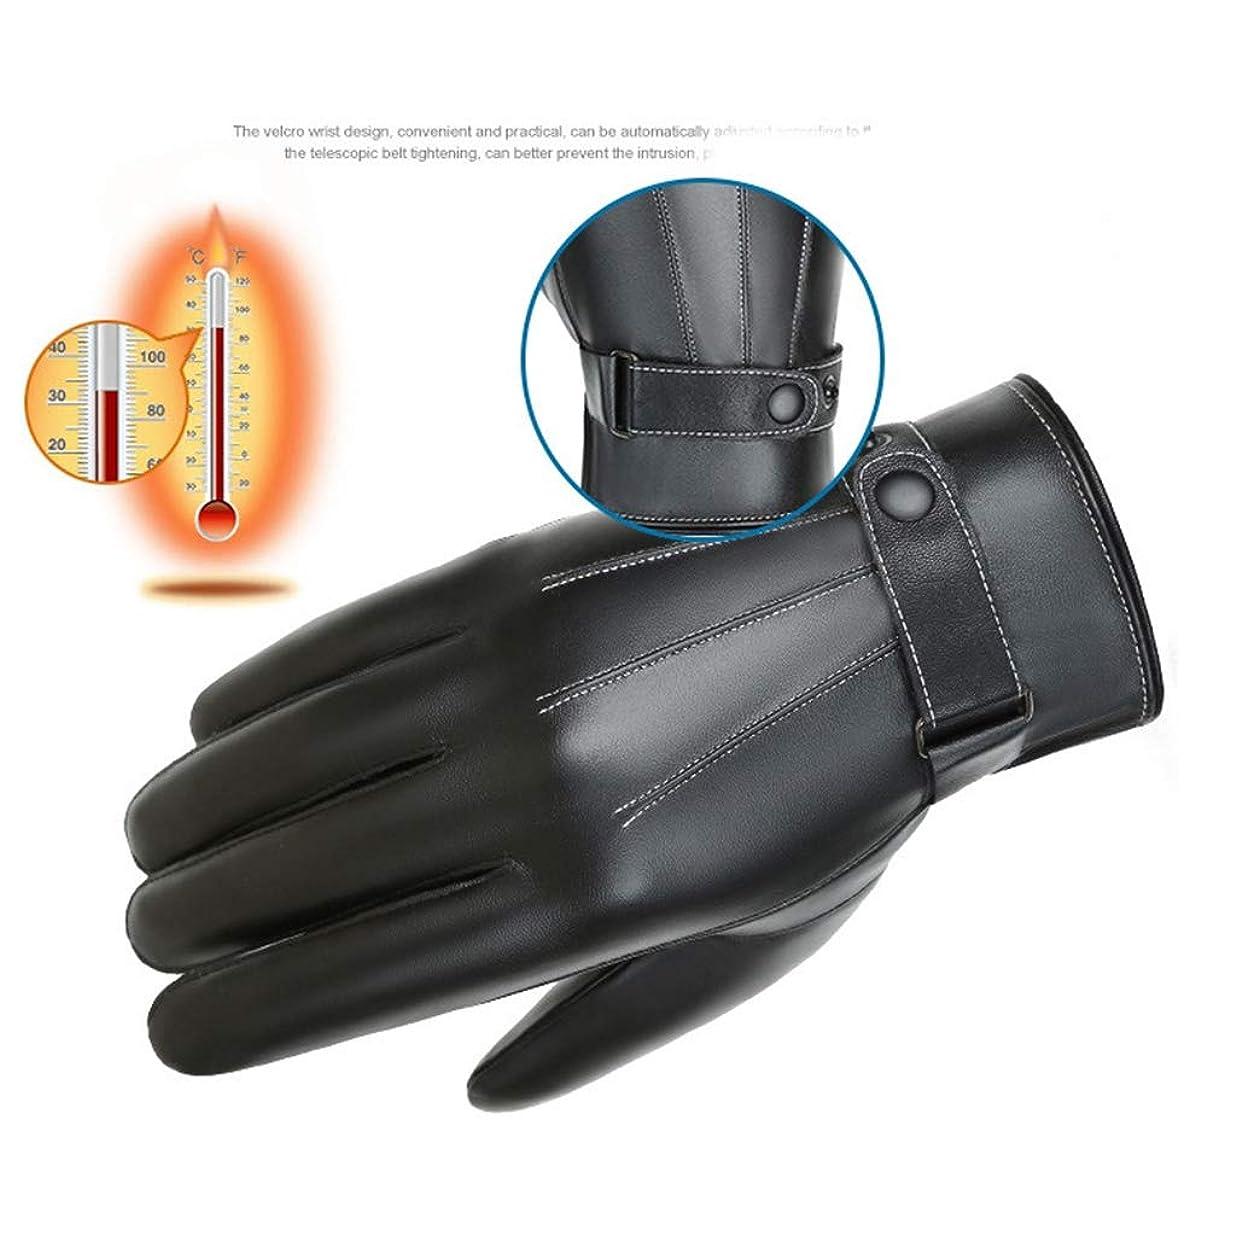 ヘルシーギャロップ珍しいタッチスクリーンのメンズグローブ冬プラスベルベット厚い暖かい防風防水ライドバイクバイクの乗り物の手袋